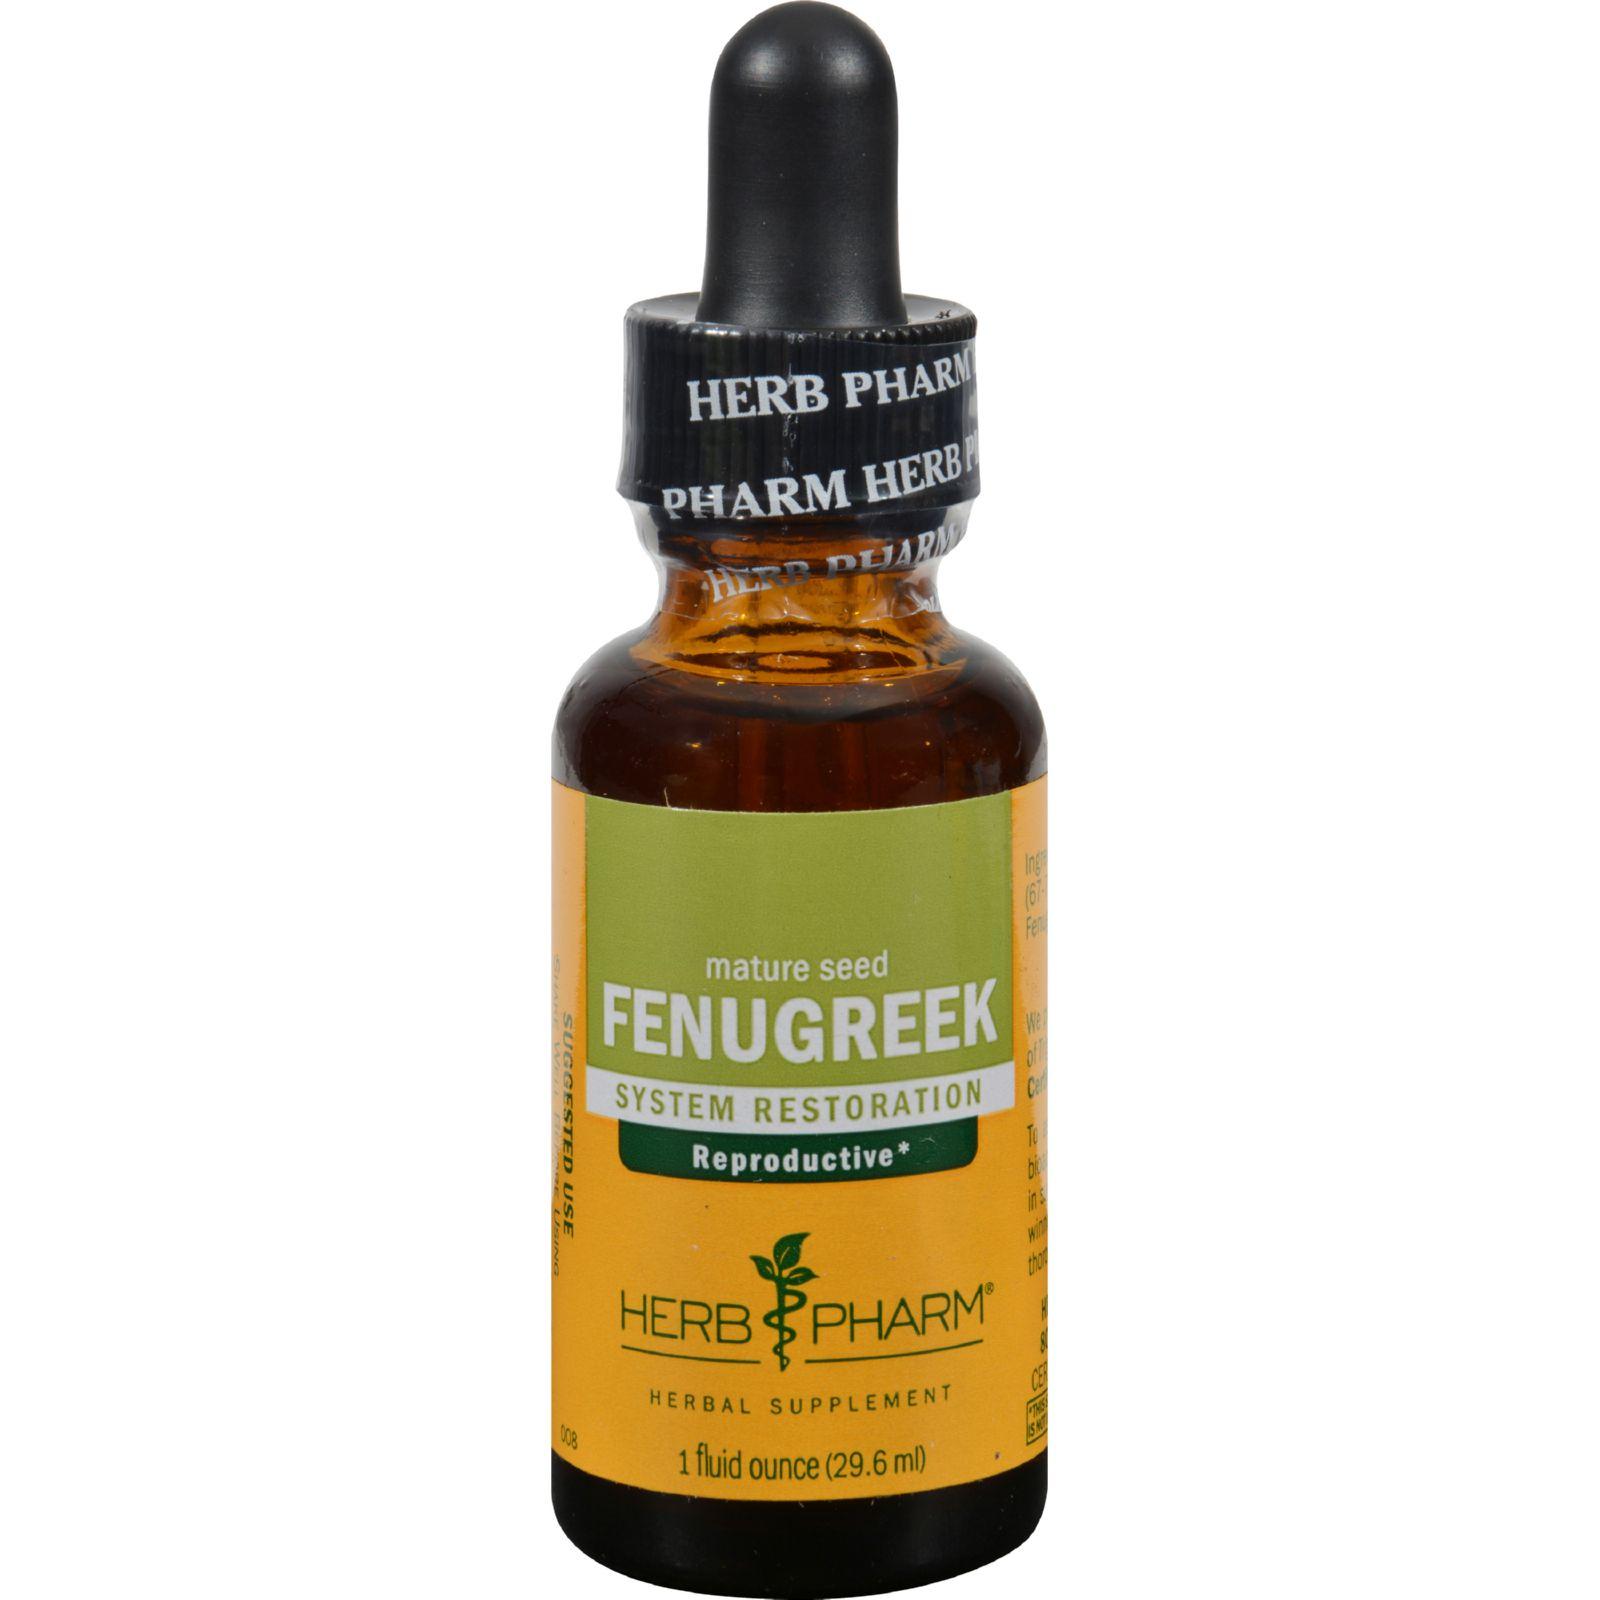 Herb Pharm Herb Pharm  Fenugreek, 1 oz